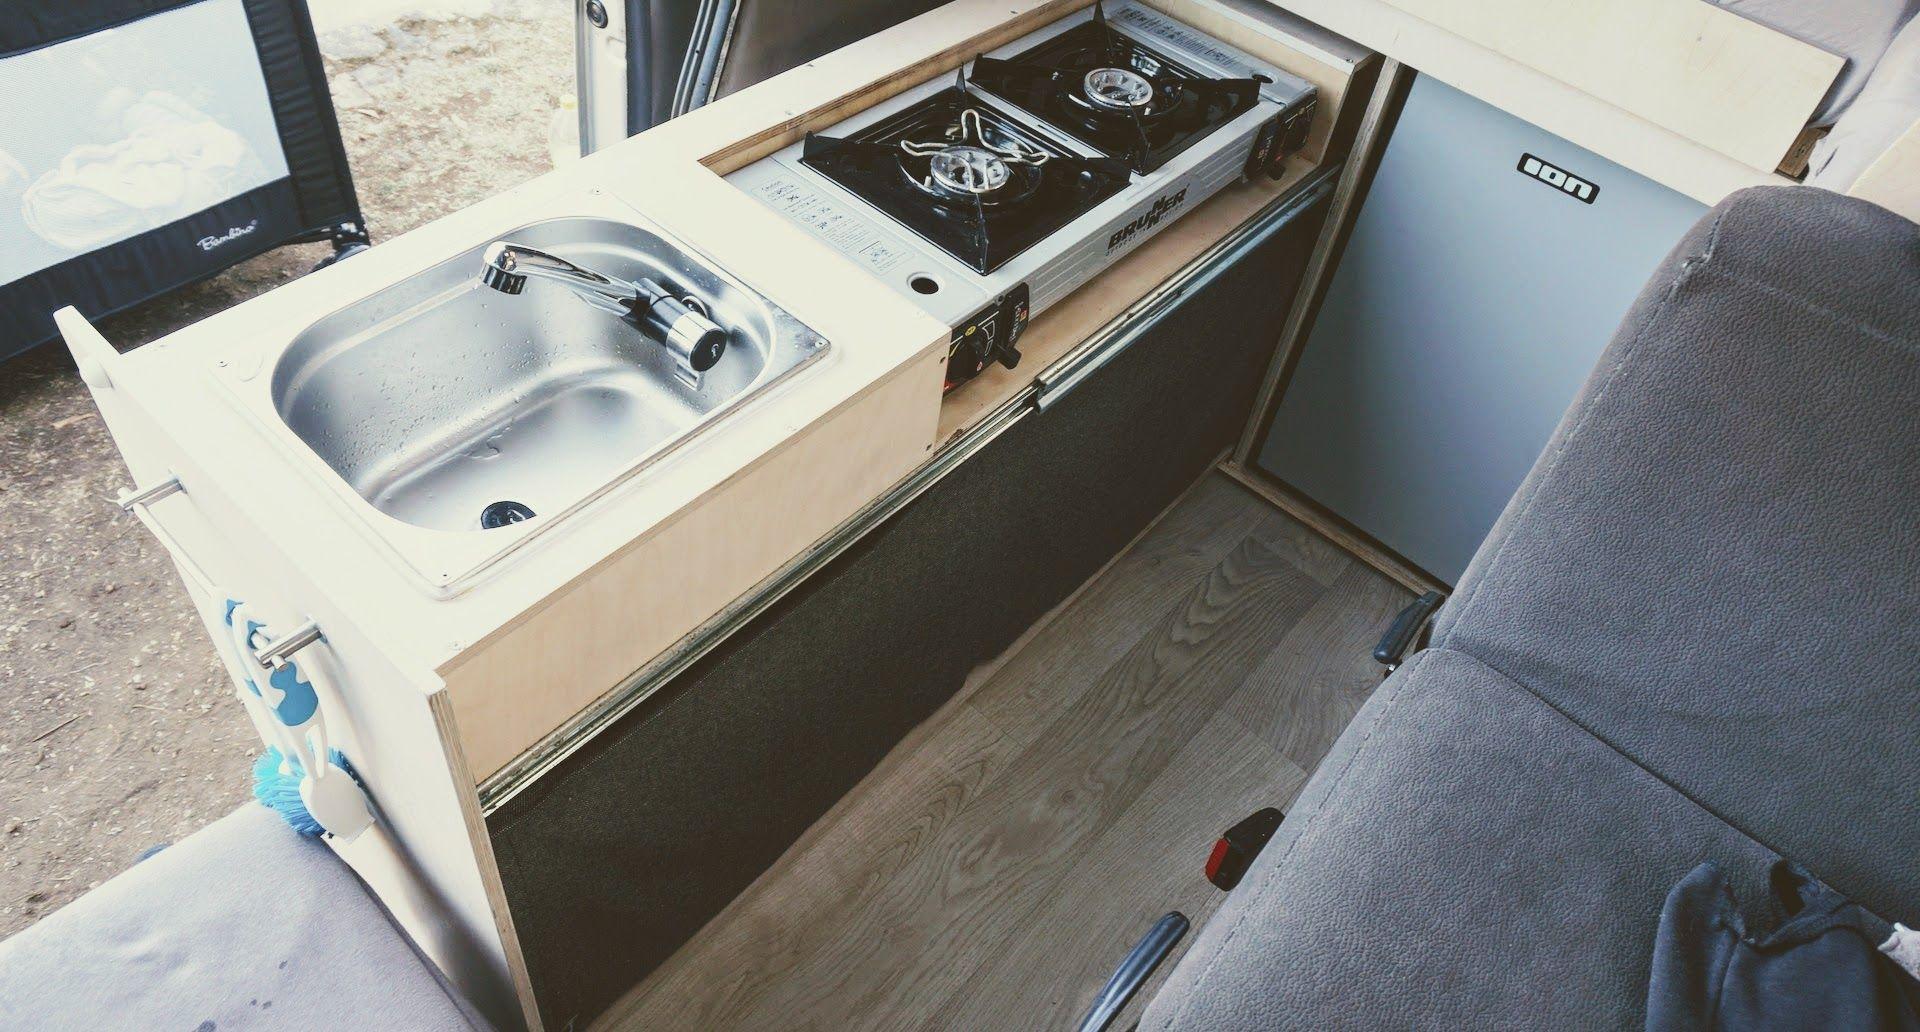 Ausziehbare Küche im Camper  Camper, Camping wc, Bus ausbauen